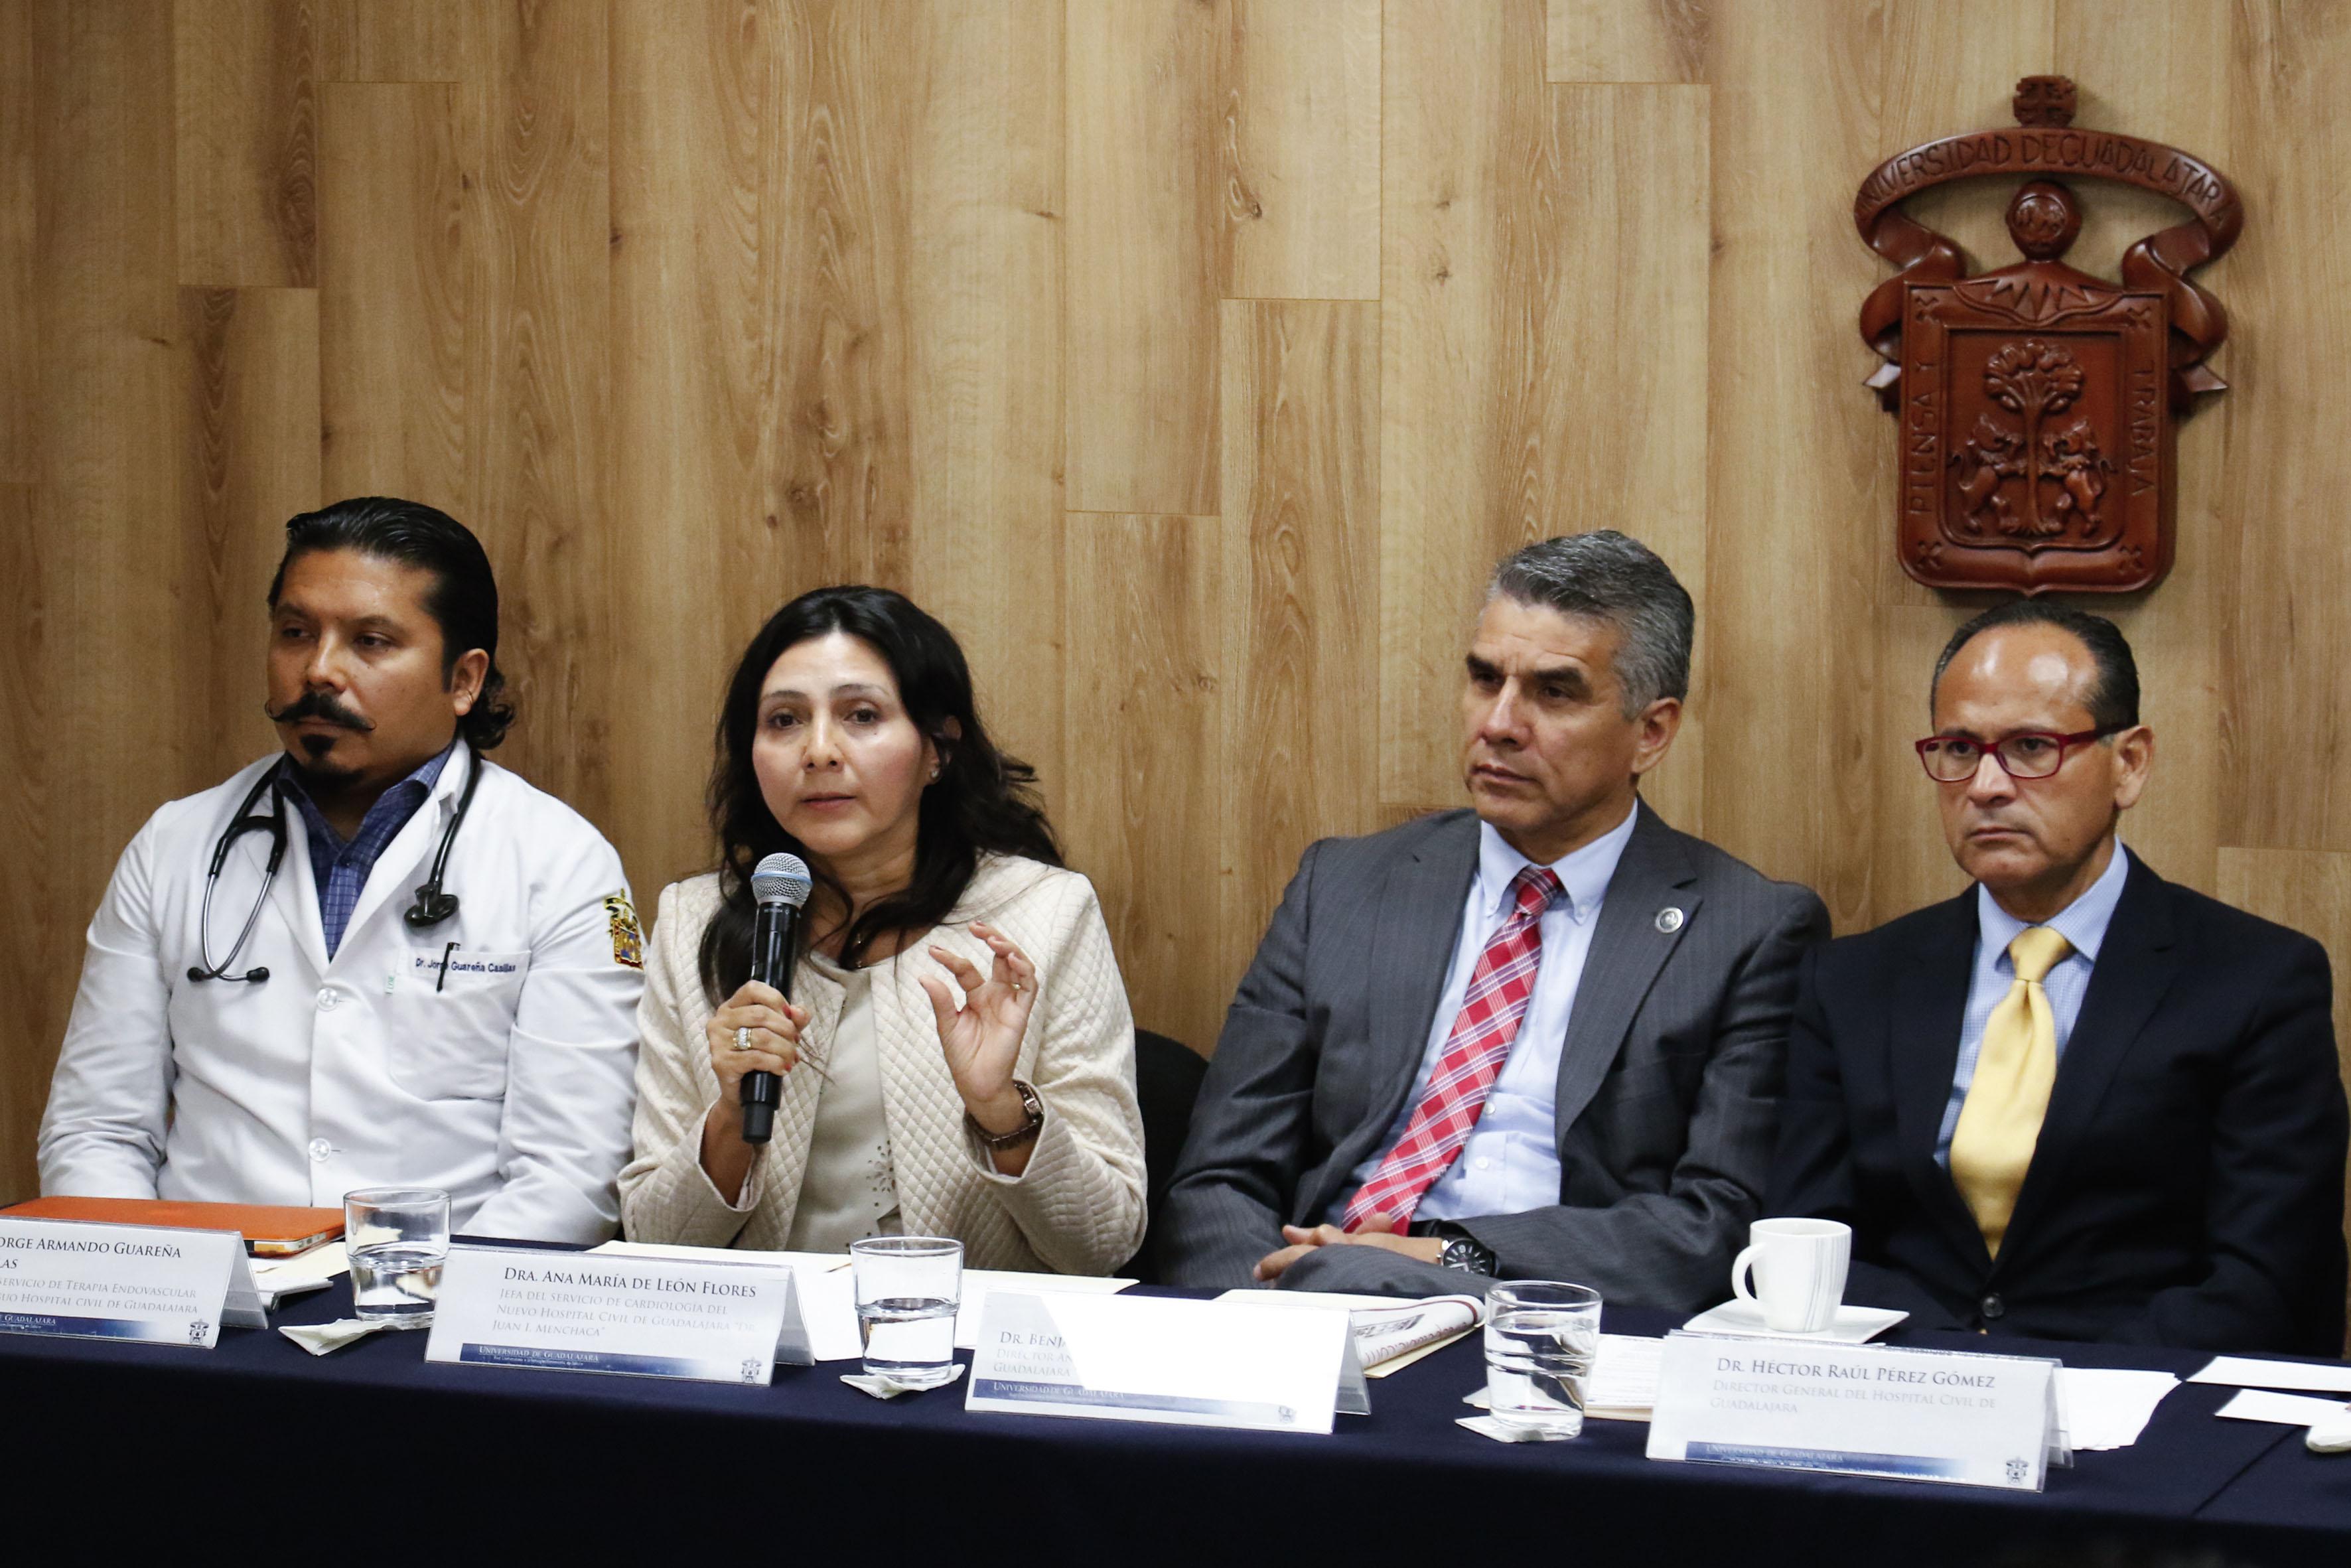 """Dra Ana María de León Flores, jefa del Servicio de Cardiología de la unidad """"Dr. Juan I. Menchaca"""", haciendo uso de la palabra"""